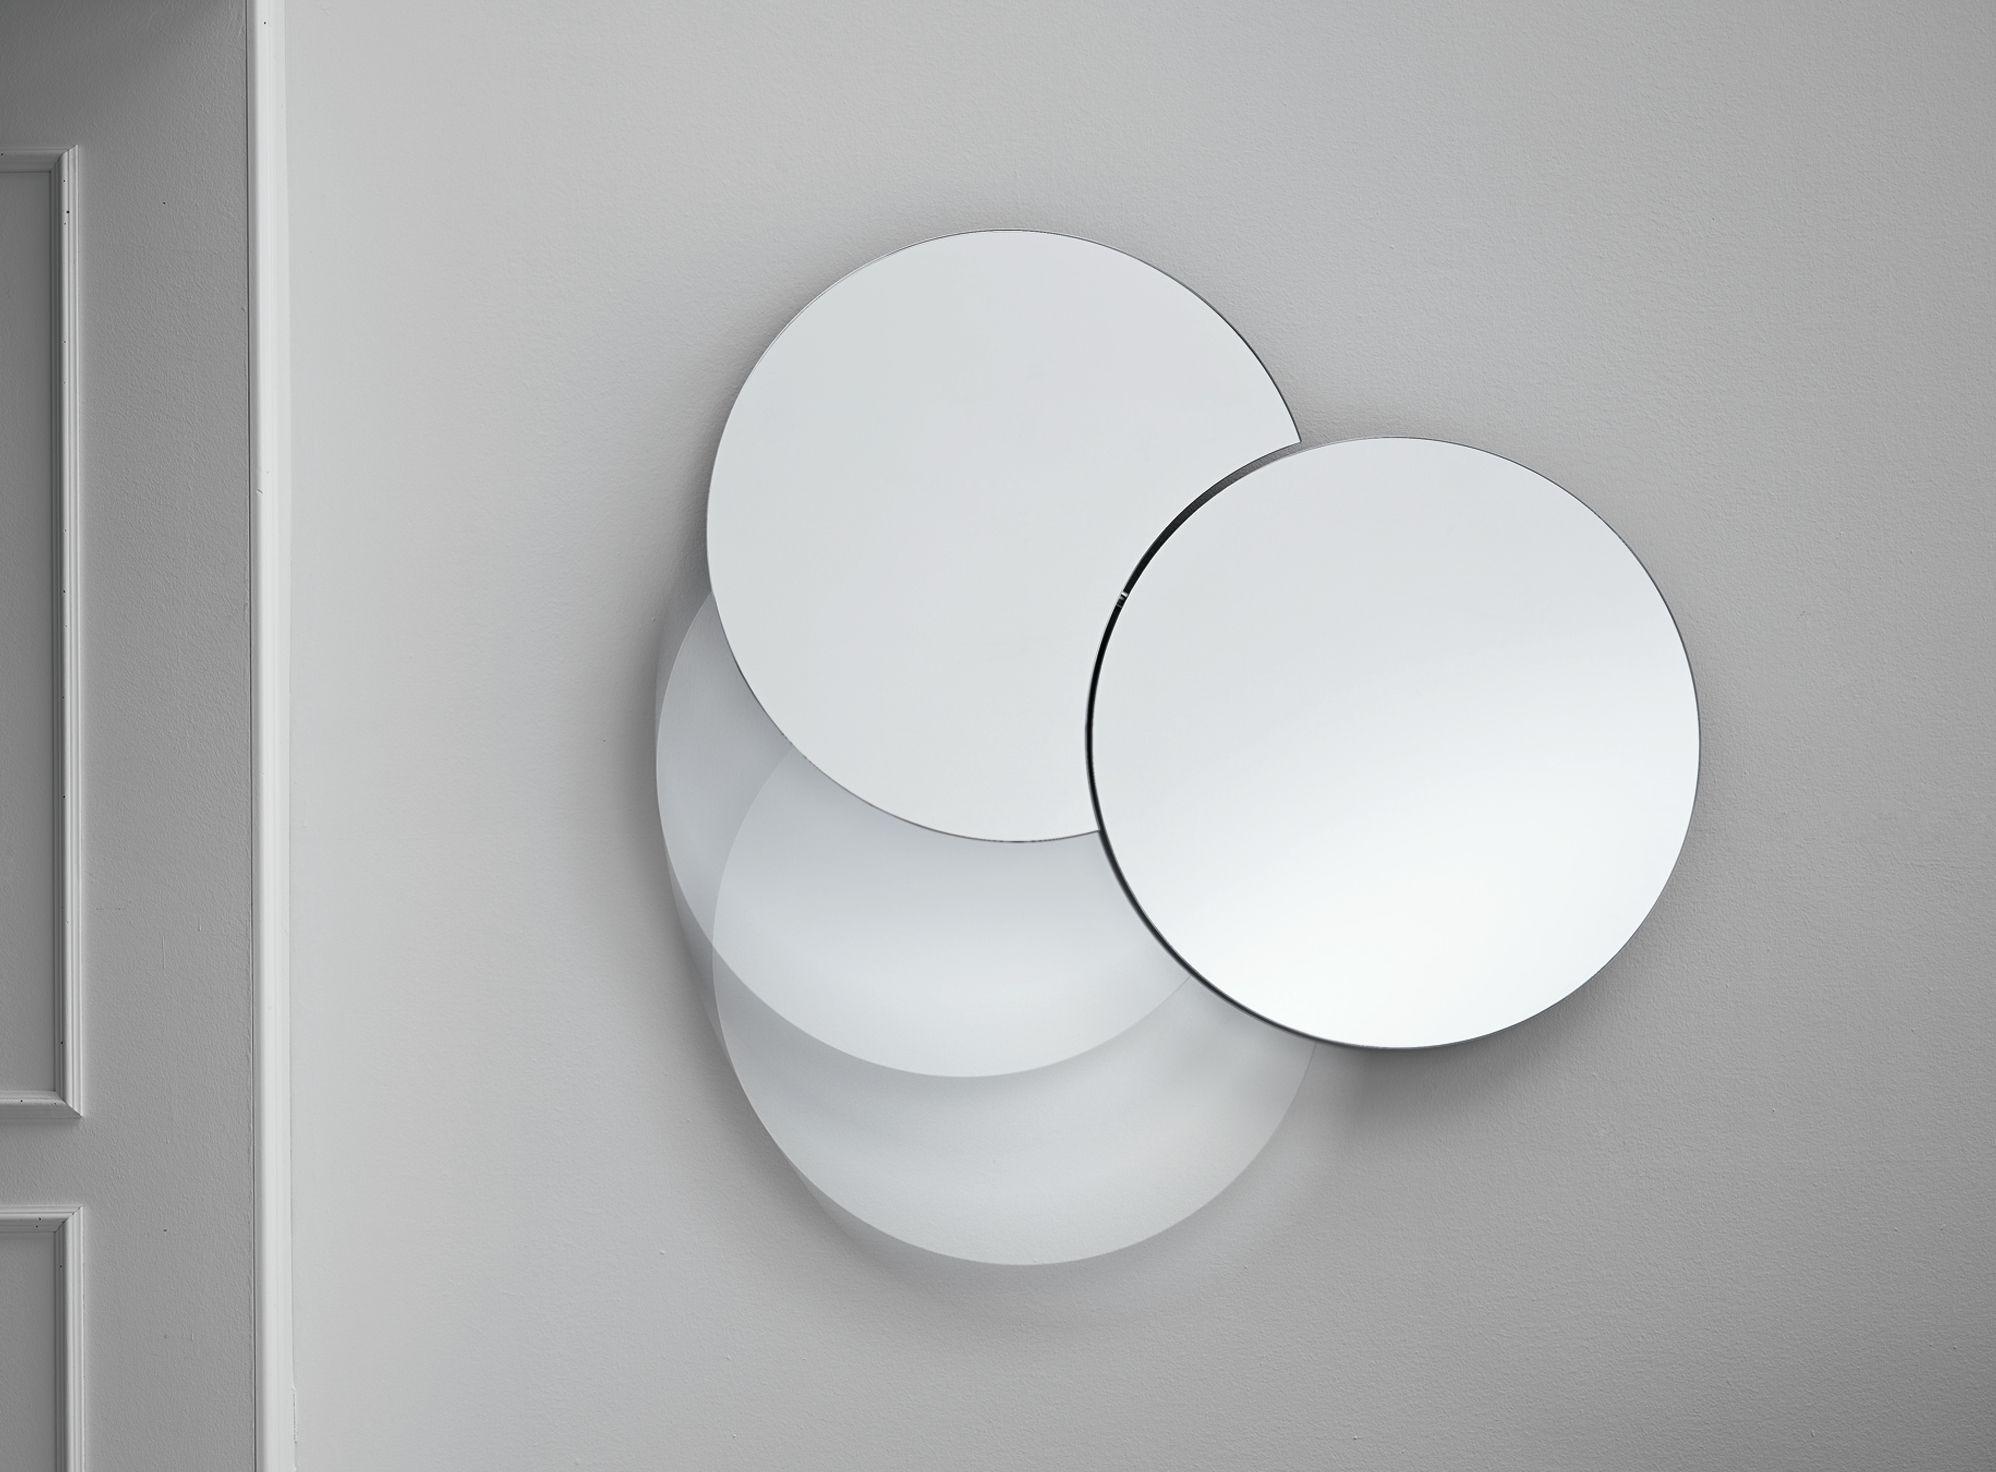 Specchio a parete shiki by t d tonelli design design isao - Parete a specchio ...